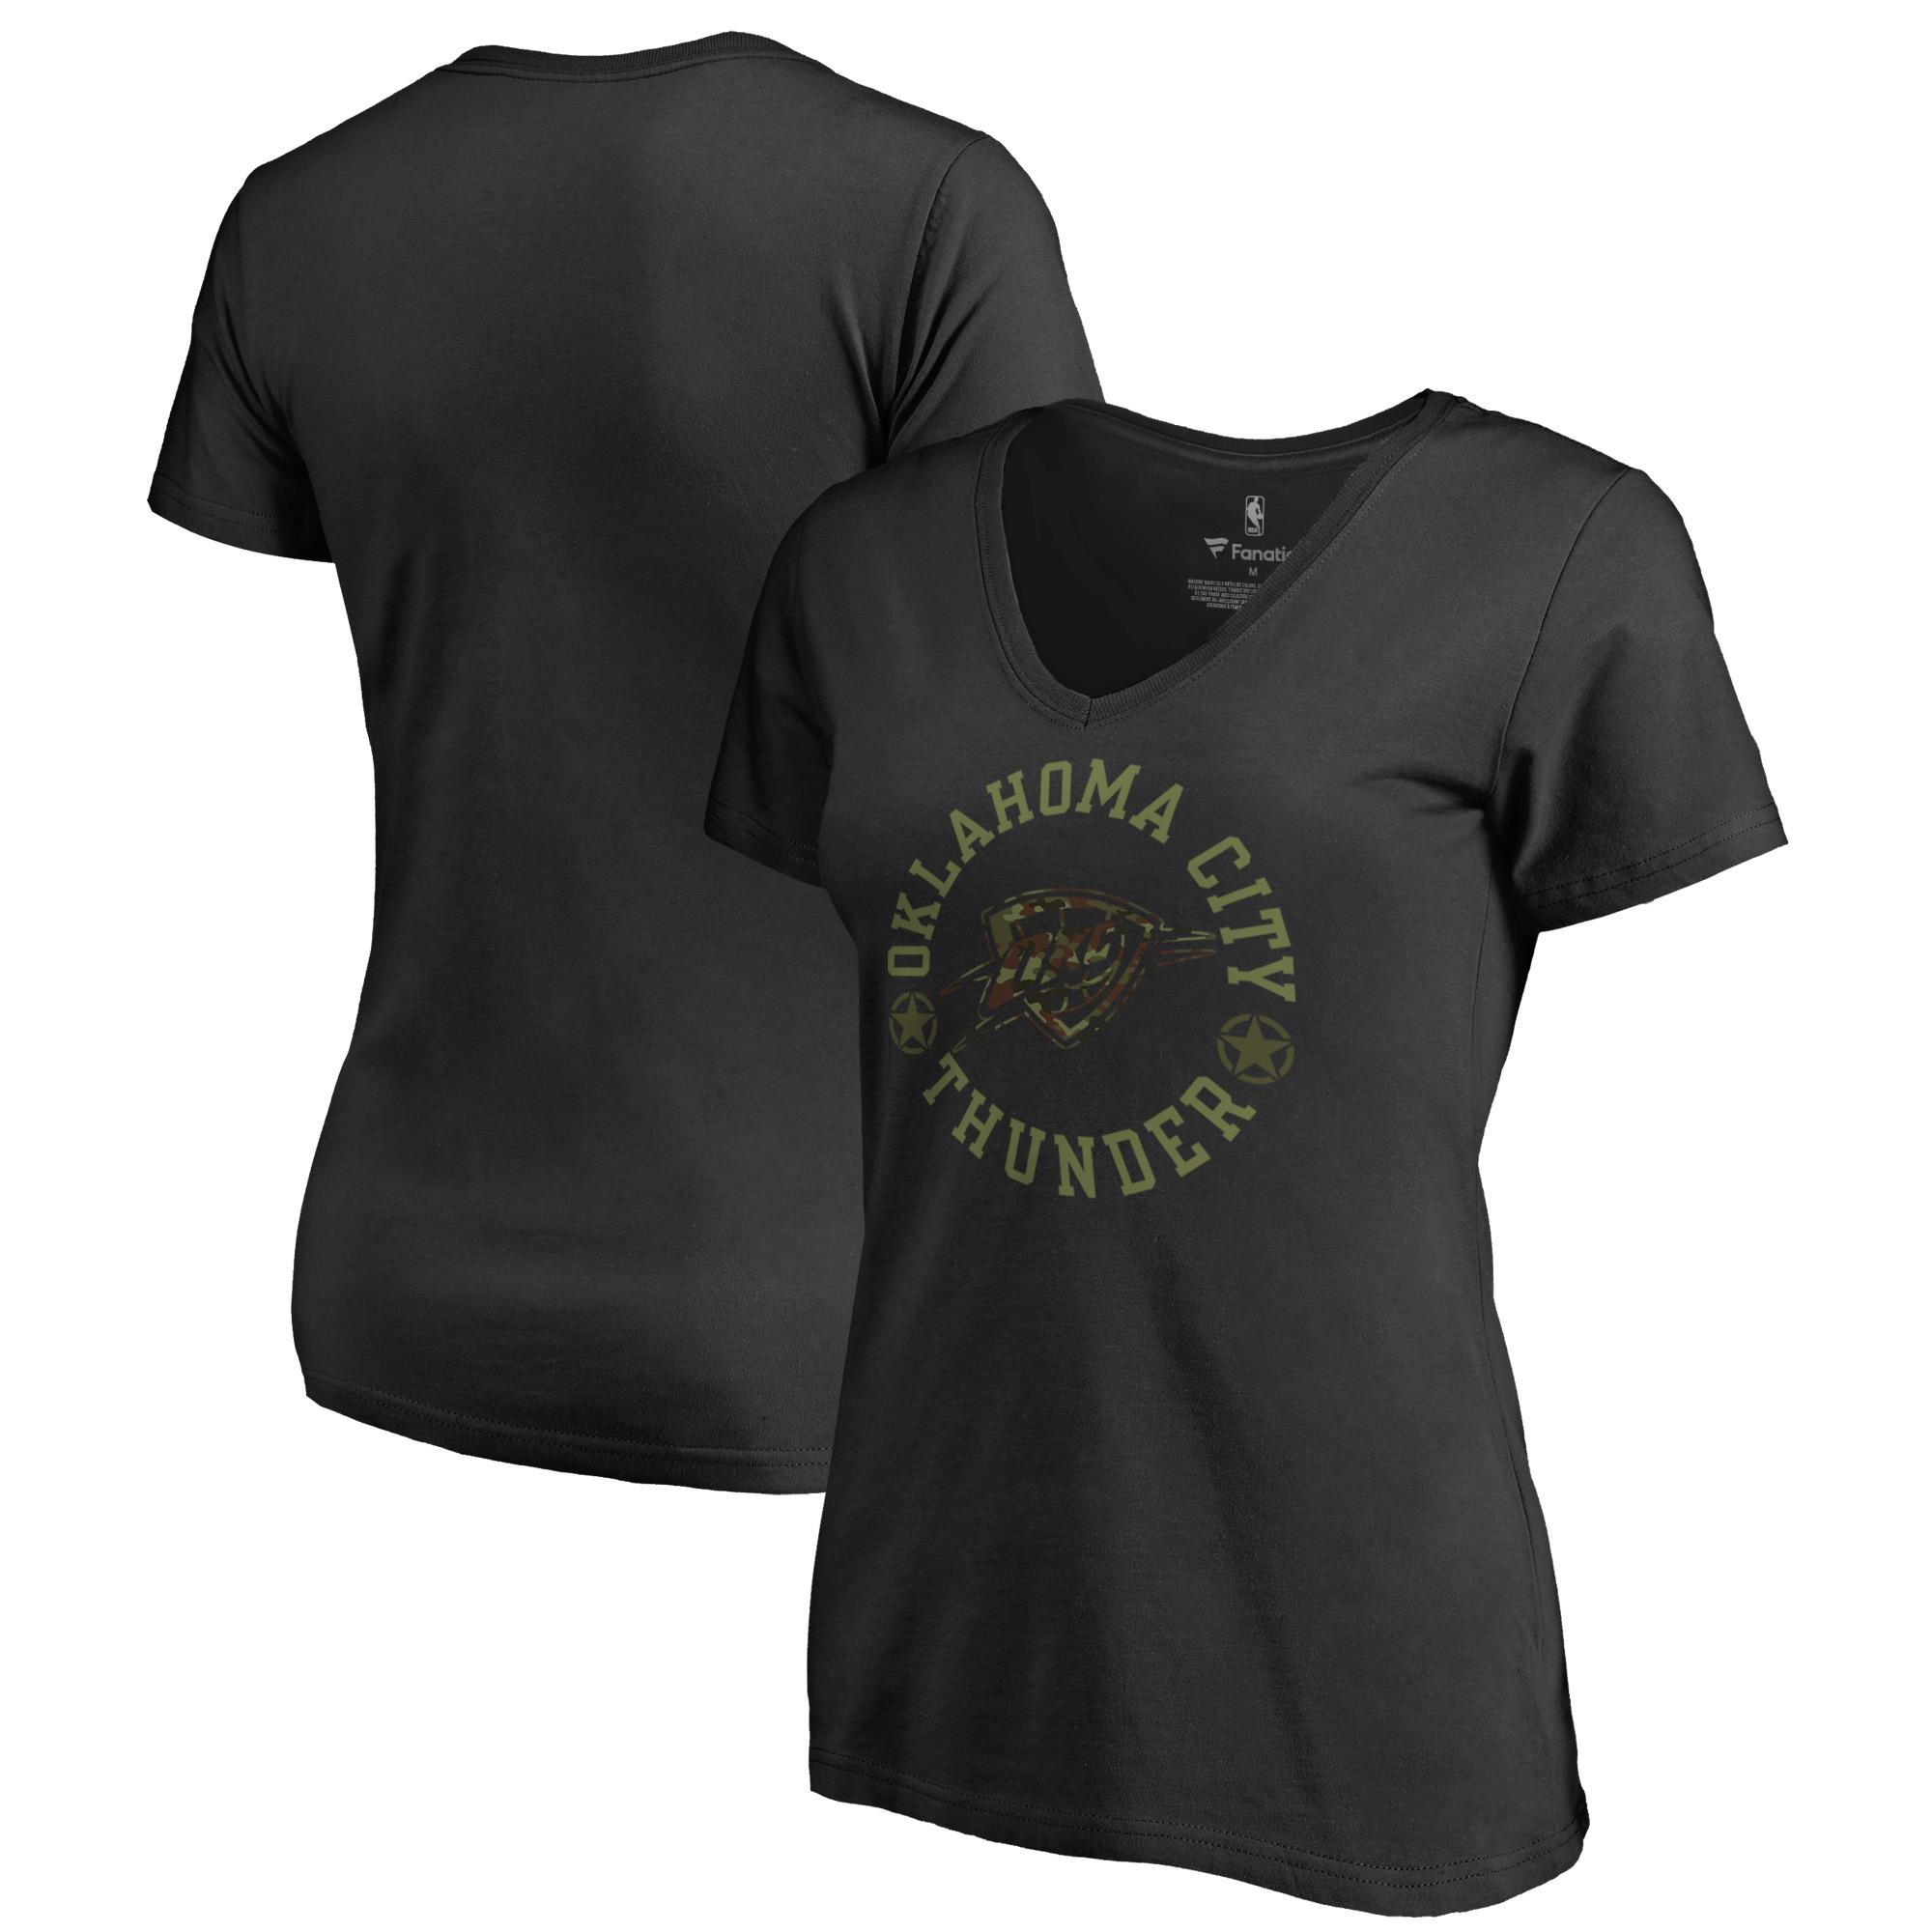 Oklahoma City Thunder Fanatics Branded Women's Liberty V-Neck T-Shirt - Black